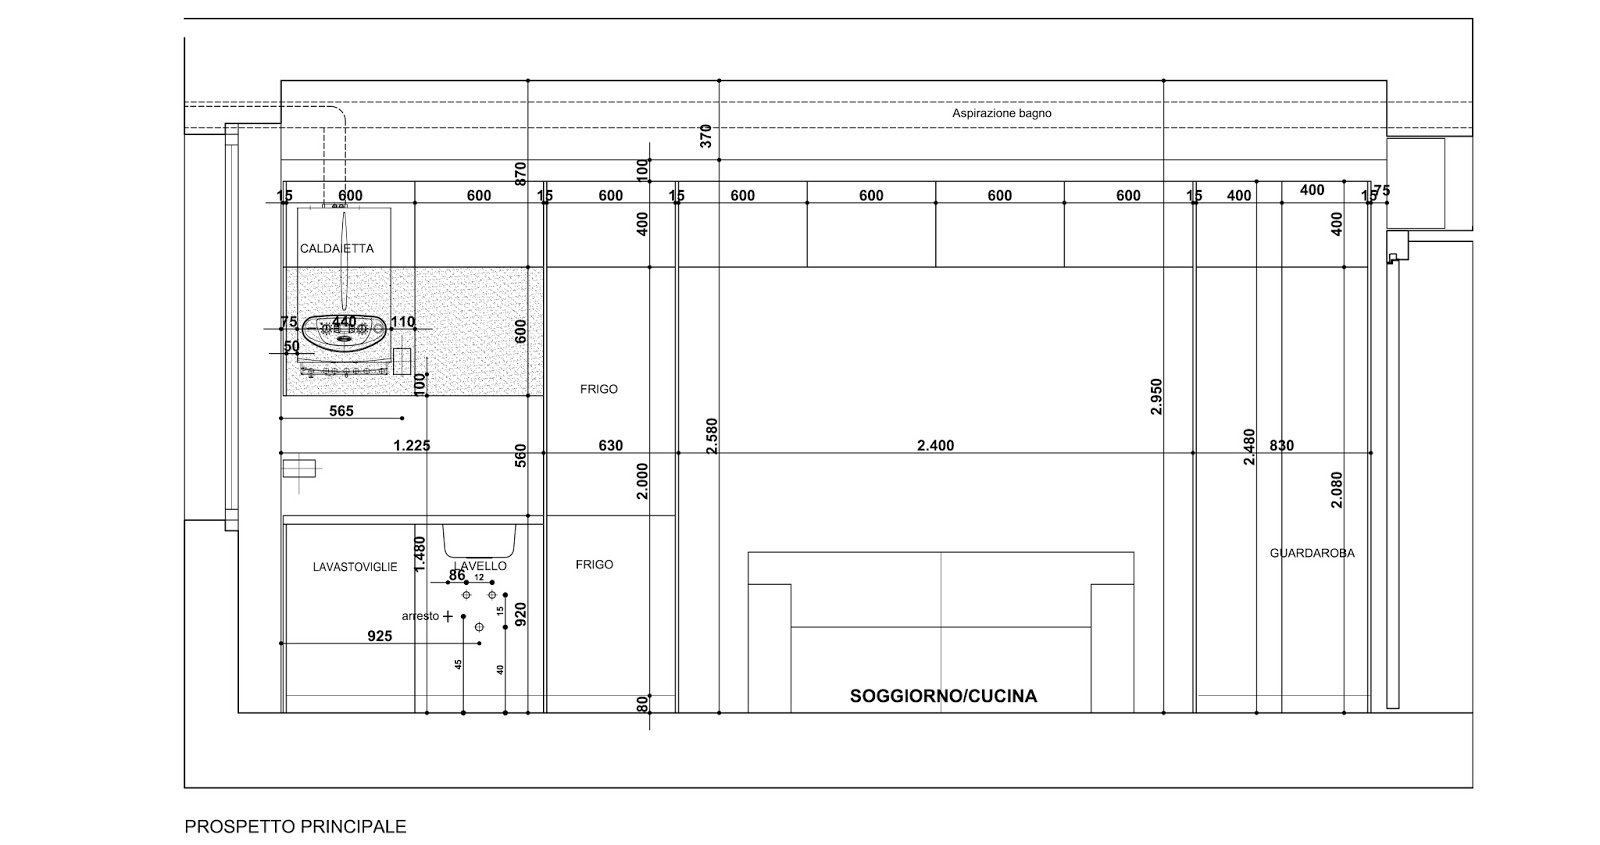 appunti di architettura Gli armadi Ikea su misura